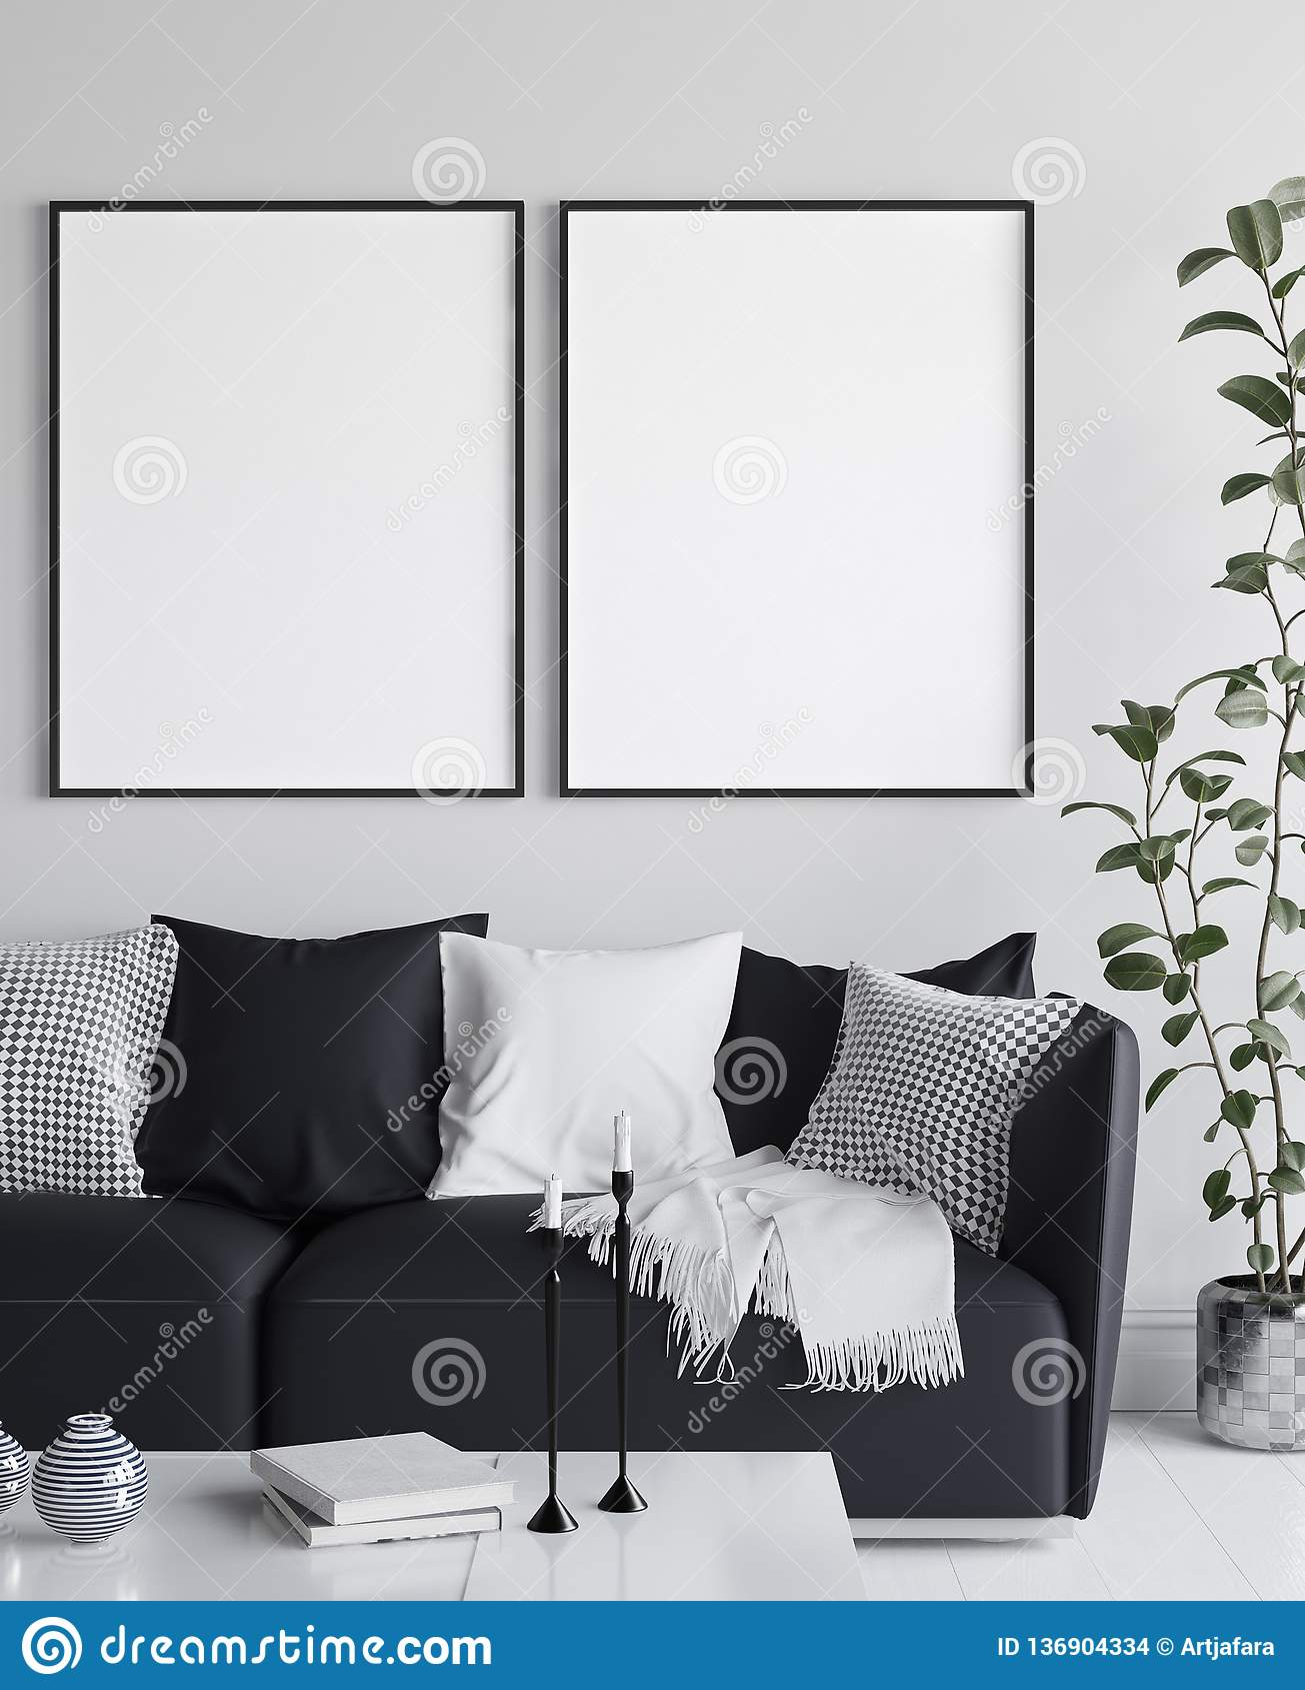 Mockup plakat w żywym izbowym wnętrzu, skandynawa styl